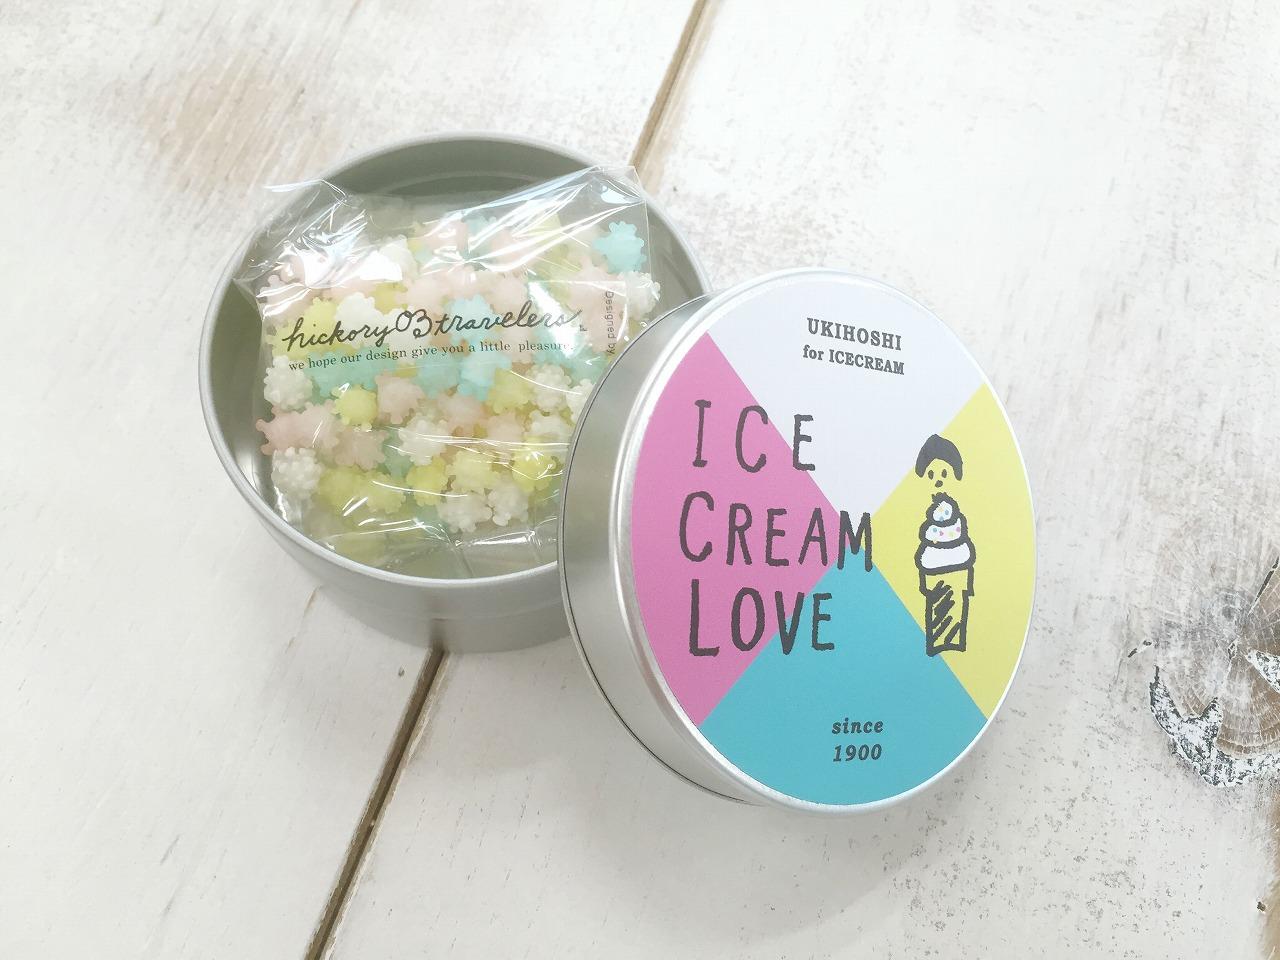 いちご・ミルク・ミント・柚子味を合わせたフレーバーミックス「浮き星 for ice mix16」。